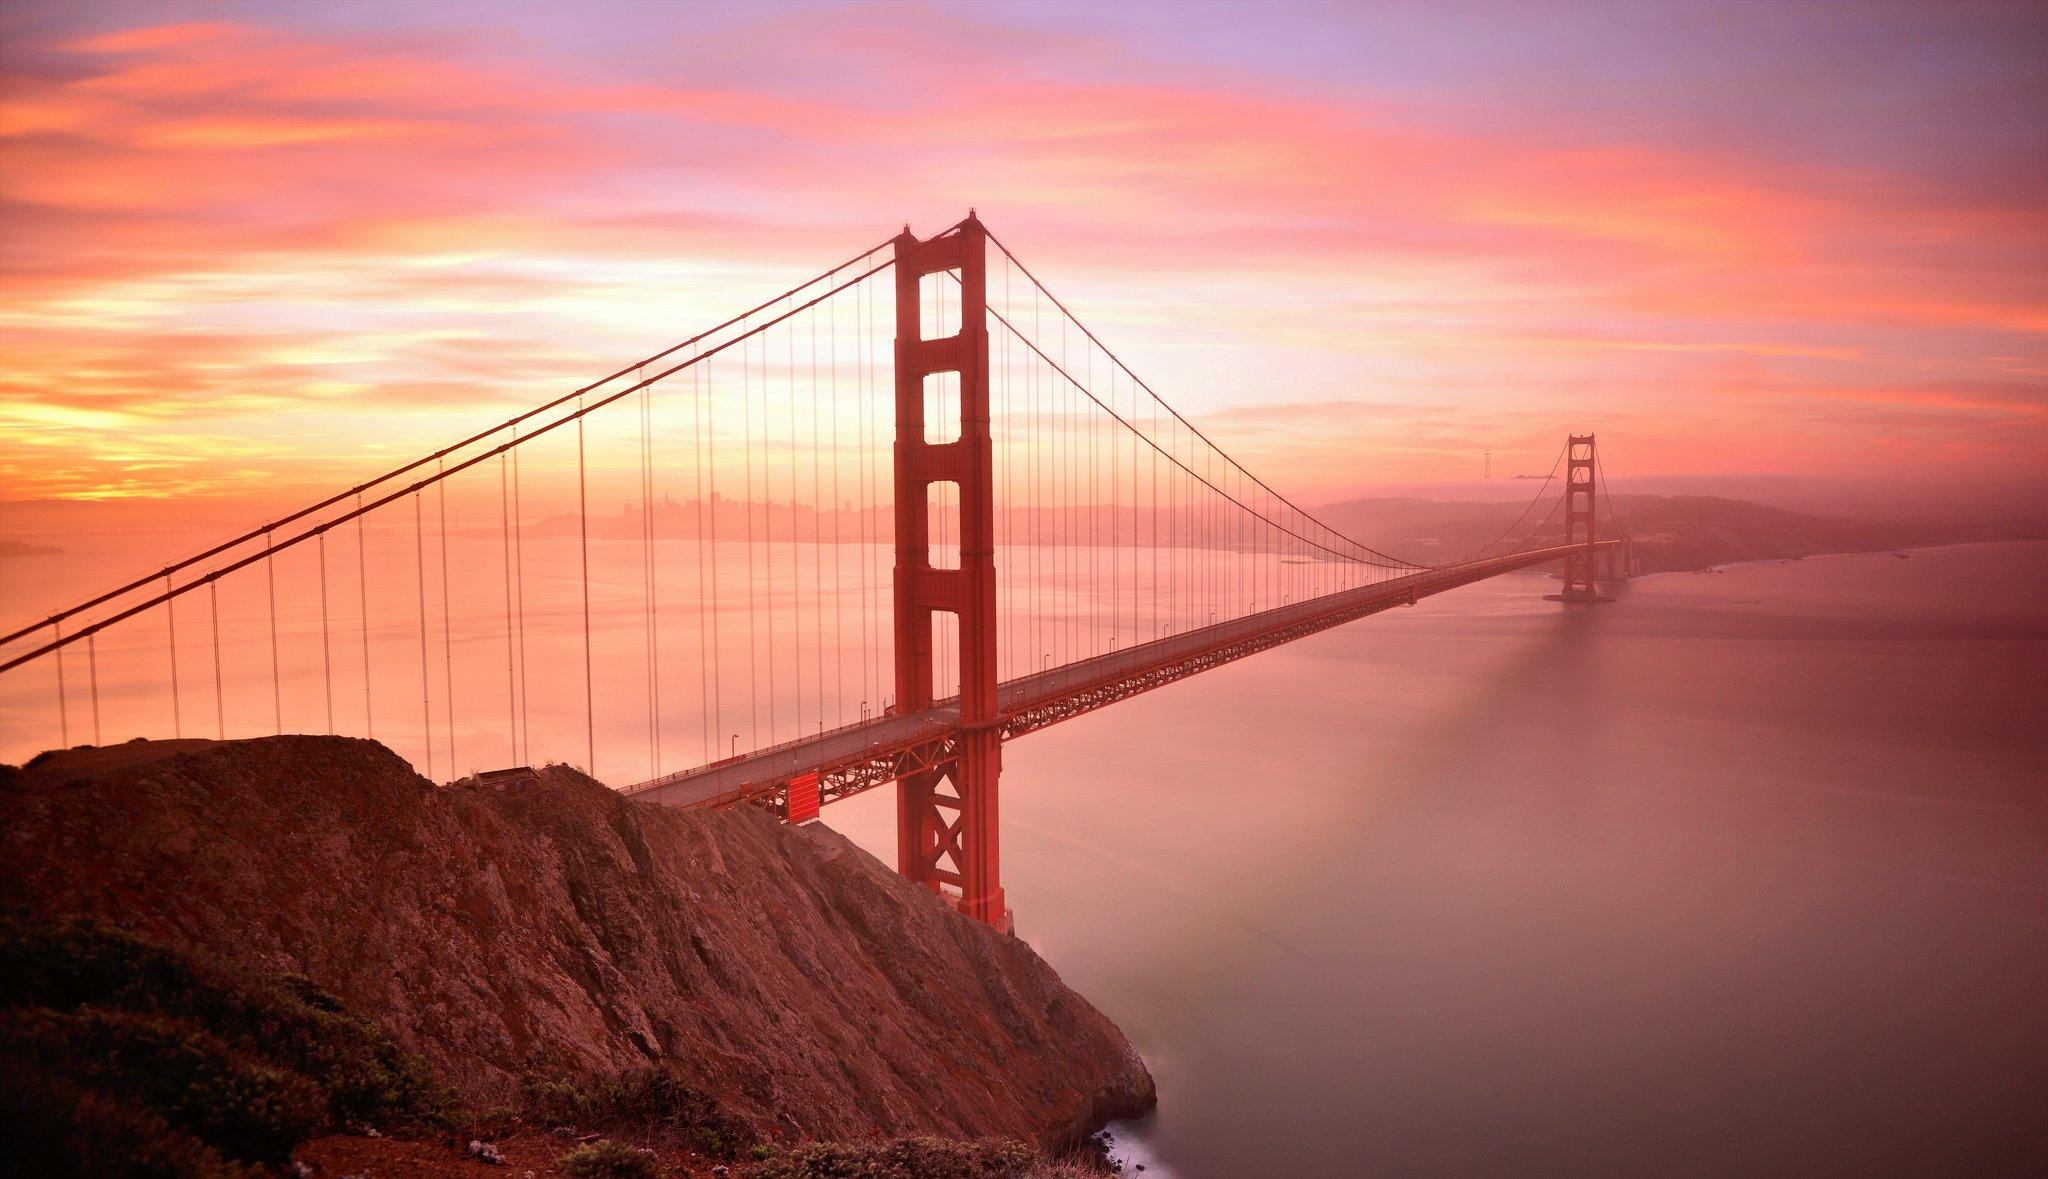 Обои Сан франциско, сша, Залив, облако, туман. Города foto 10